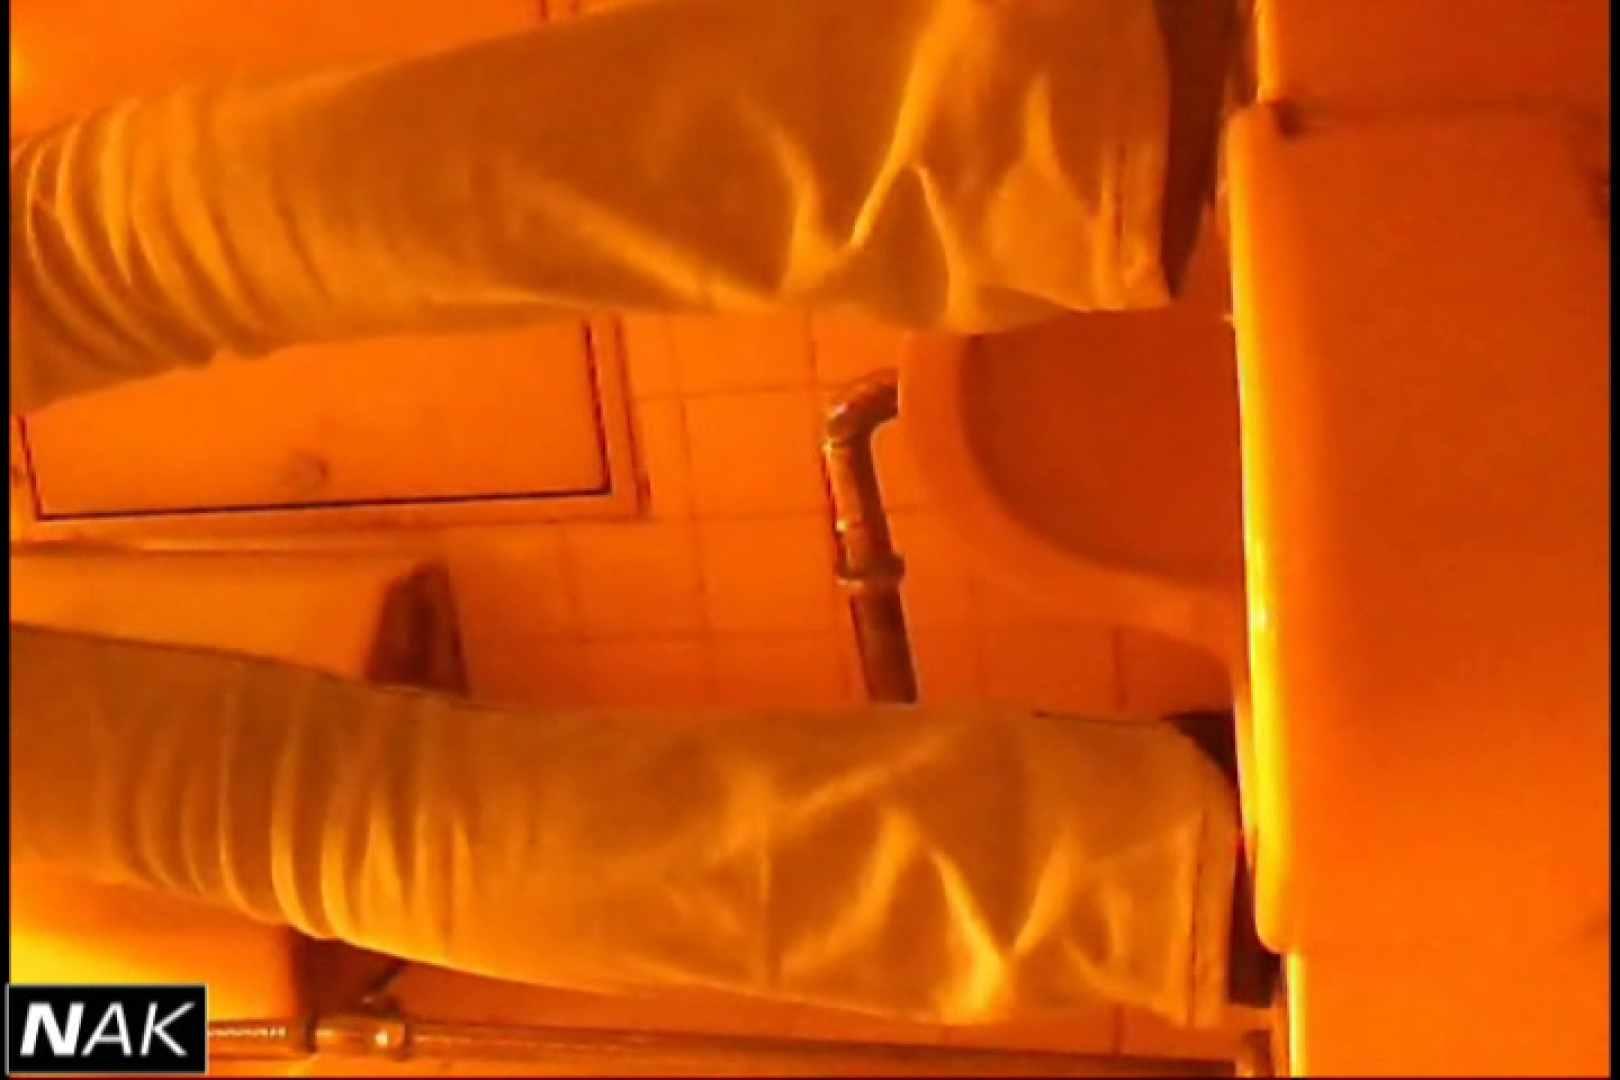 亀さんかわや VIP和式2カメバージョン! vol.09 無修正マンコ オメコ無修正動画無料 107連発 103